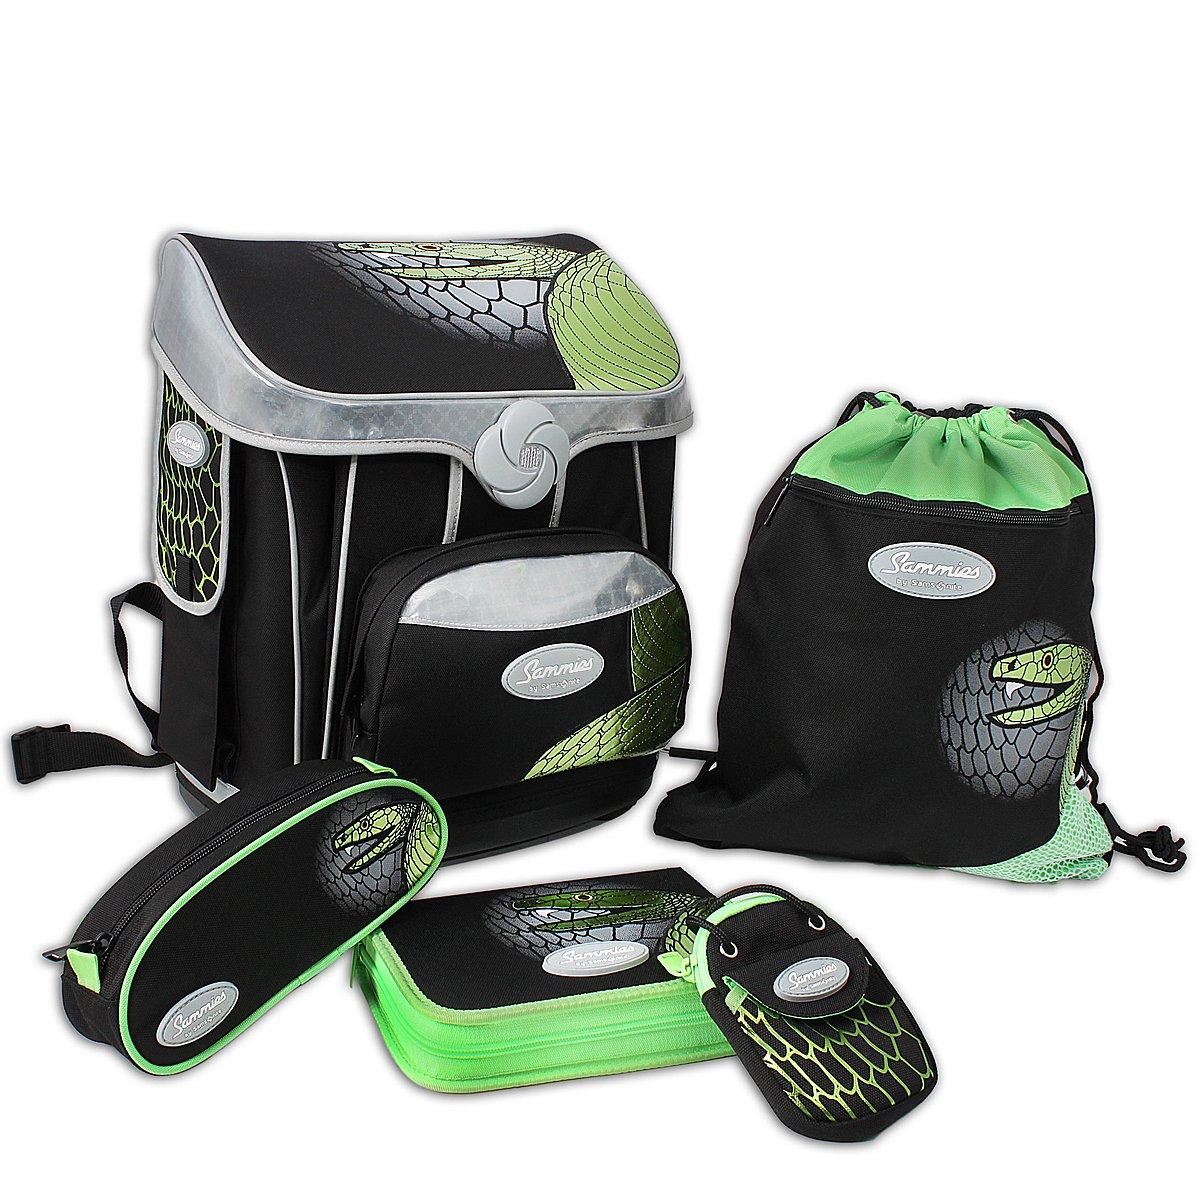 sammies by samsonite premium schulranzen set green mamba. Black Bedroom Furniture Sets. Home Design Ideas